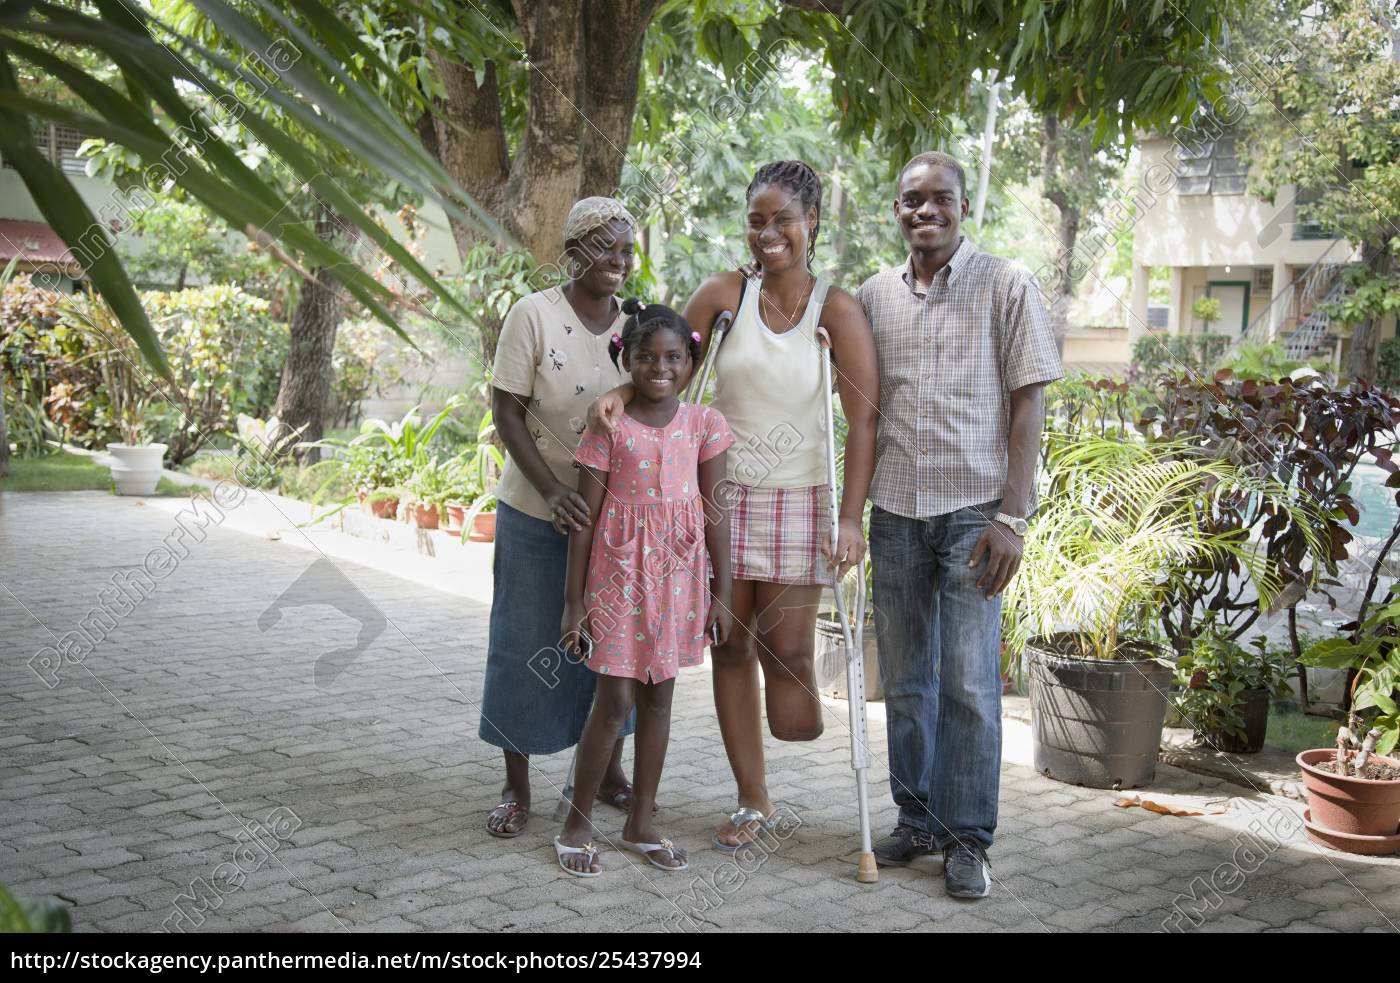 eine, familie, tröstet, sich, gegenseitig, während - 25437994